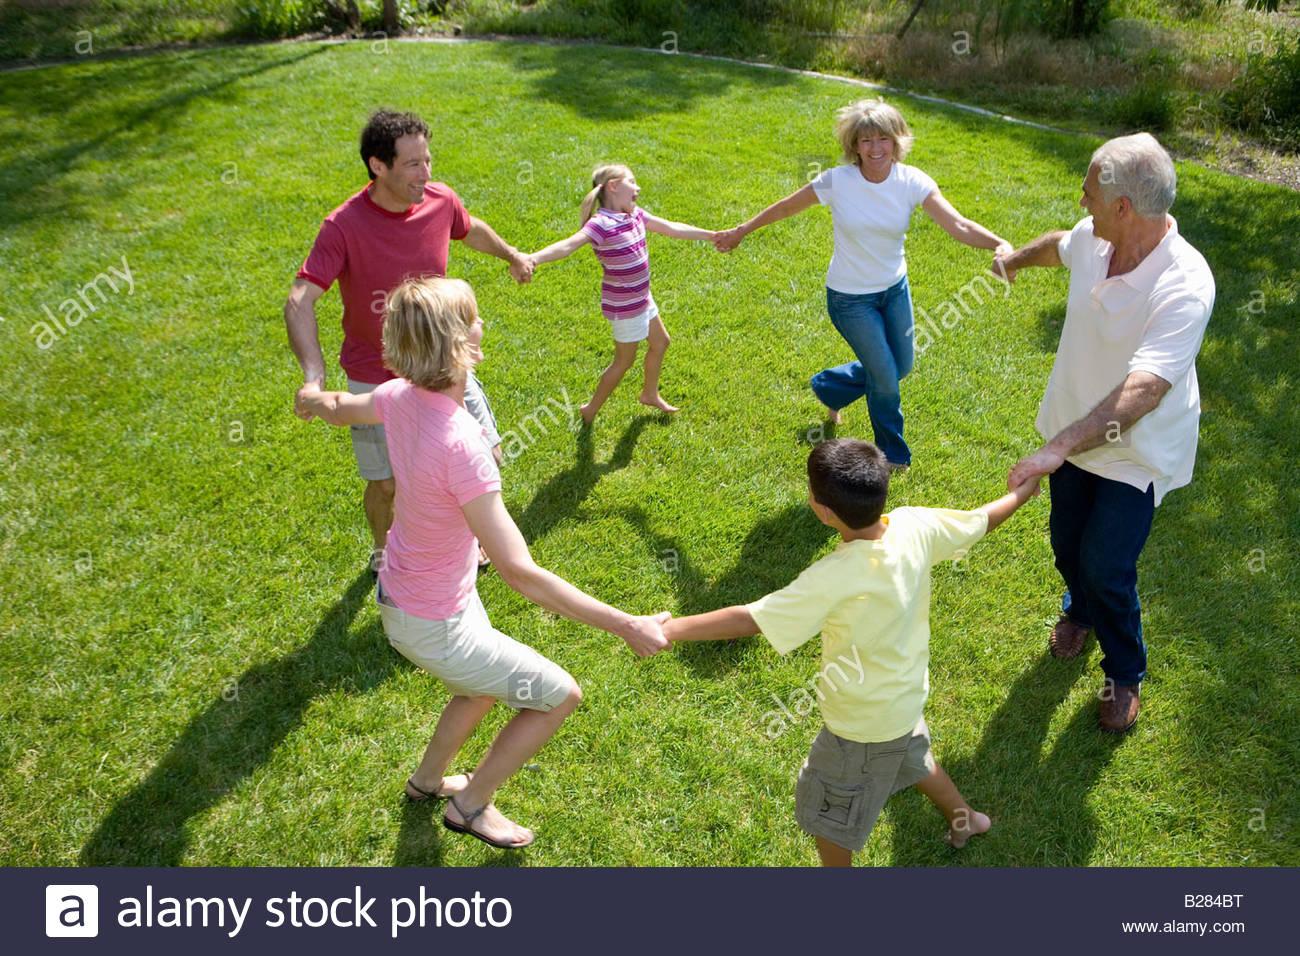 Famille de trois générations se tenant la main en cercle dans le jardin, elevated view Photo Stock